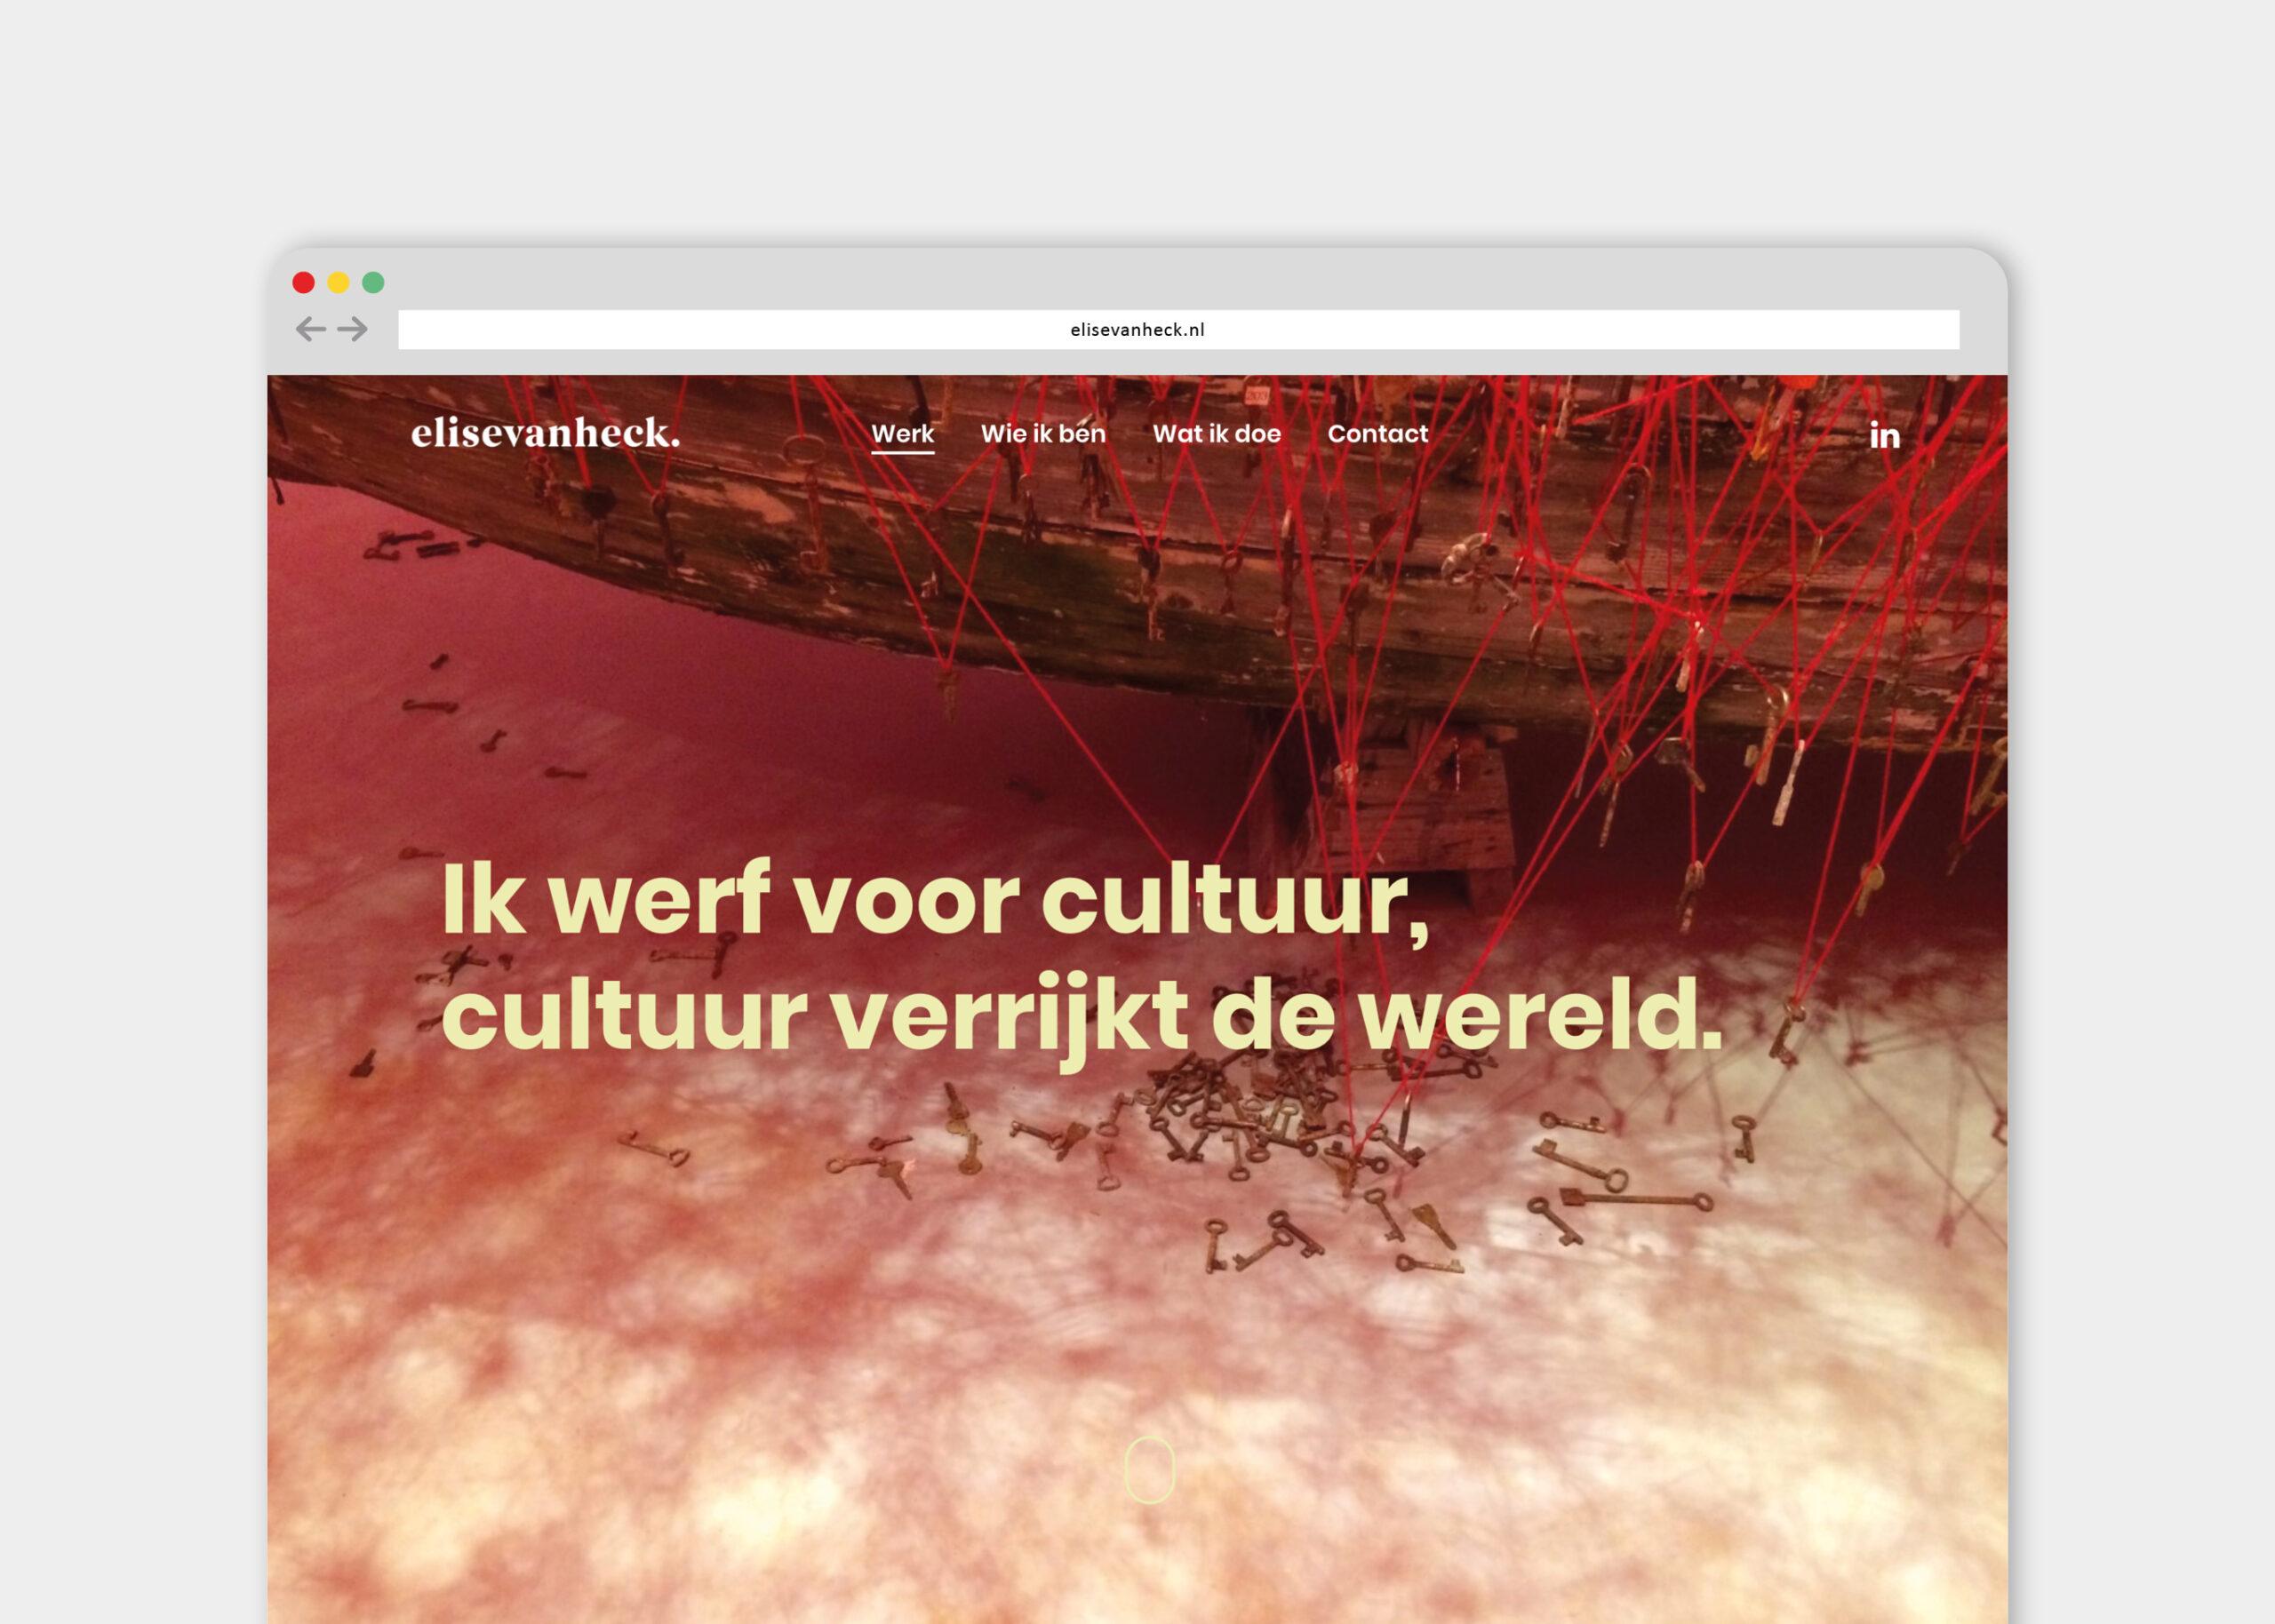 Elise-van-Heck-nieuwe-website-webdesign-ontwerp-realisatie-wordpress-burowit-grafisch-ontwerper-kampen-ijsselmuiden-burowit-reclame-media-tarieven-webdesign